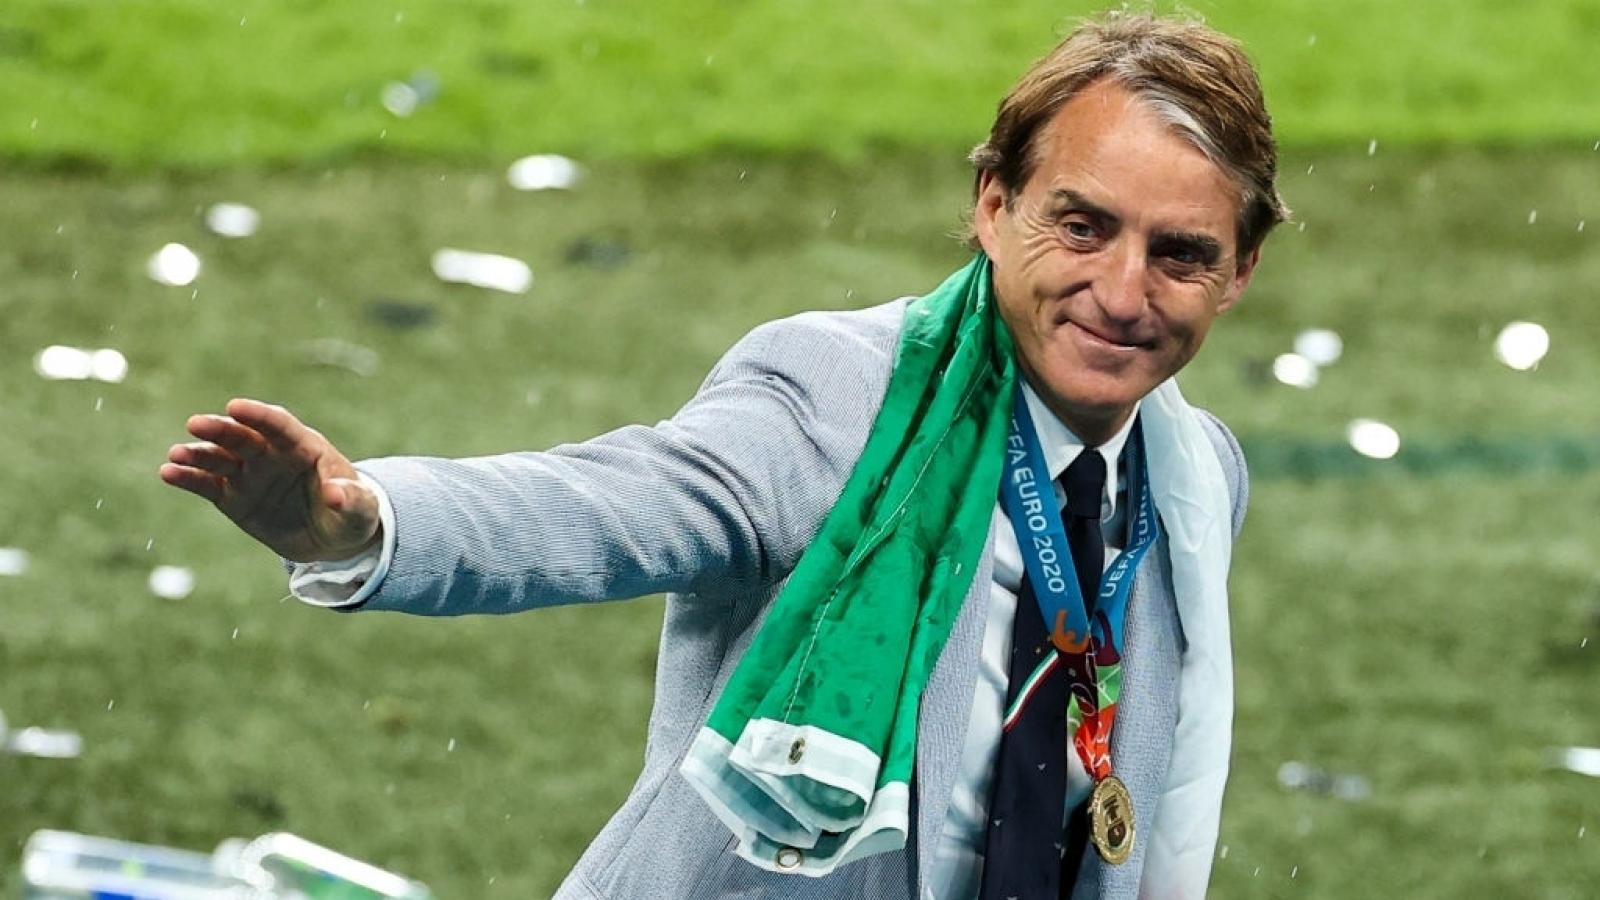 Italia vô địch EURO 2021: HLV Mancini viết lại lịch sử cho Azzurri từ đám tro tàn